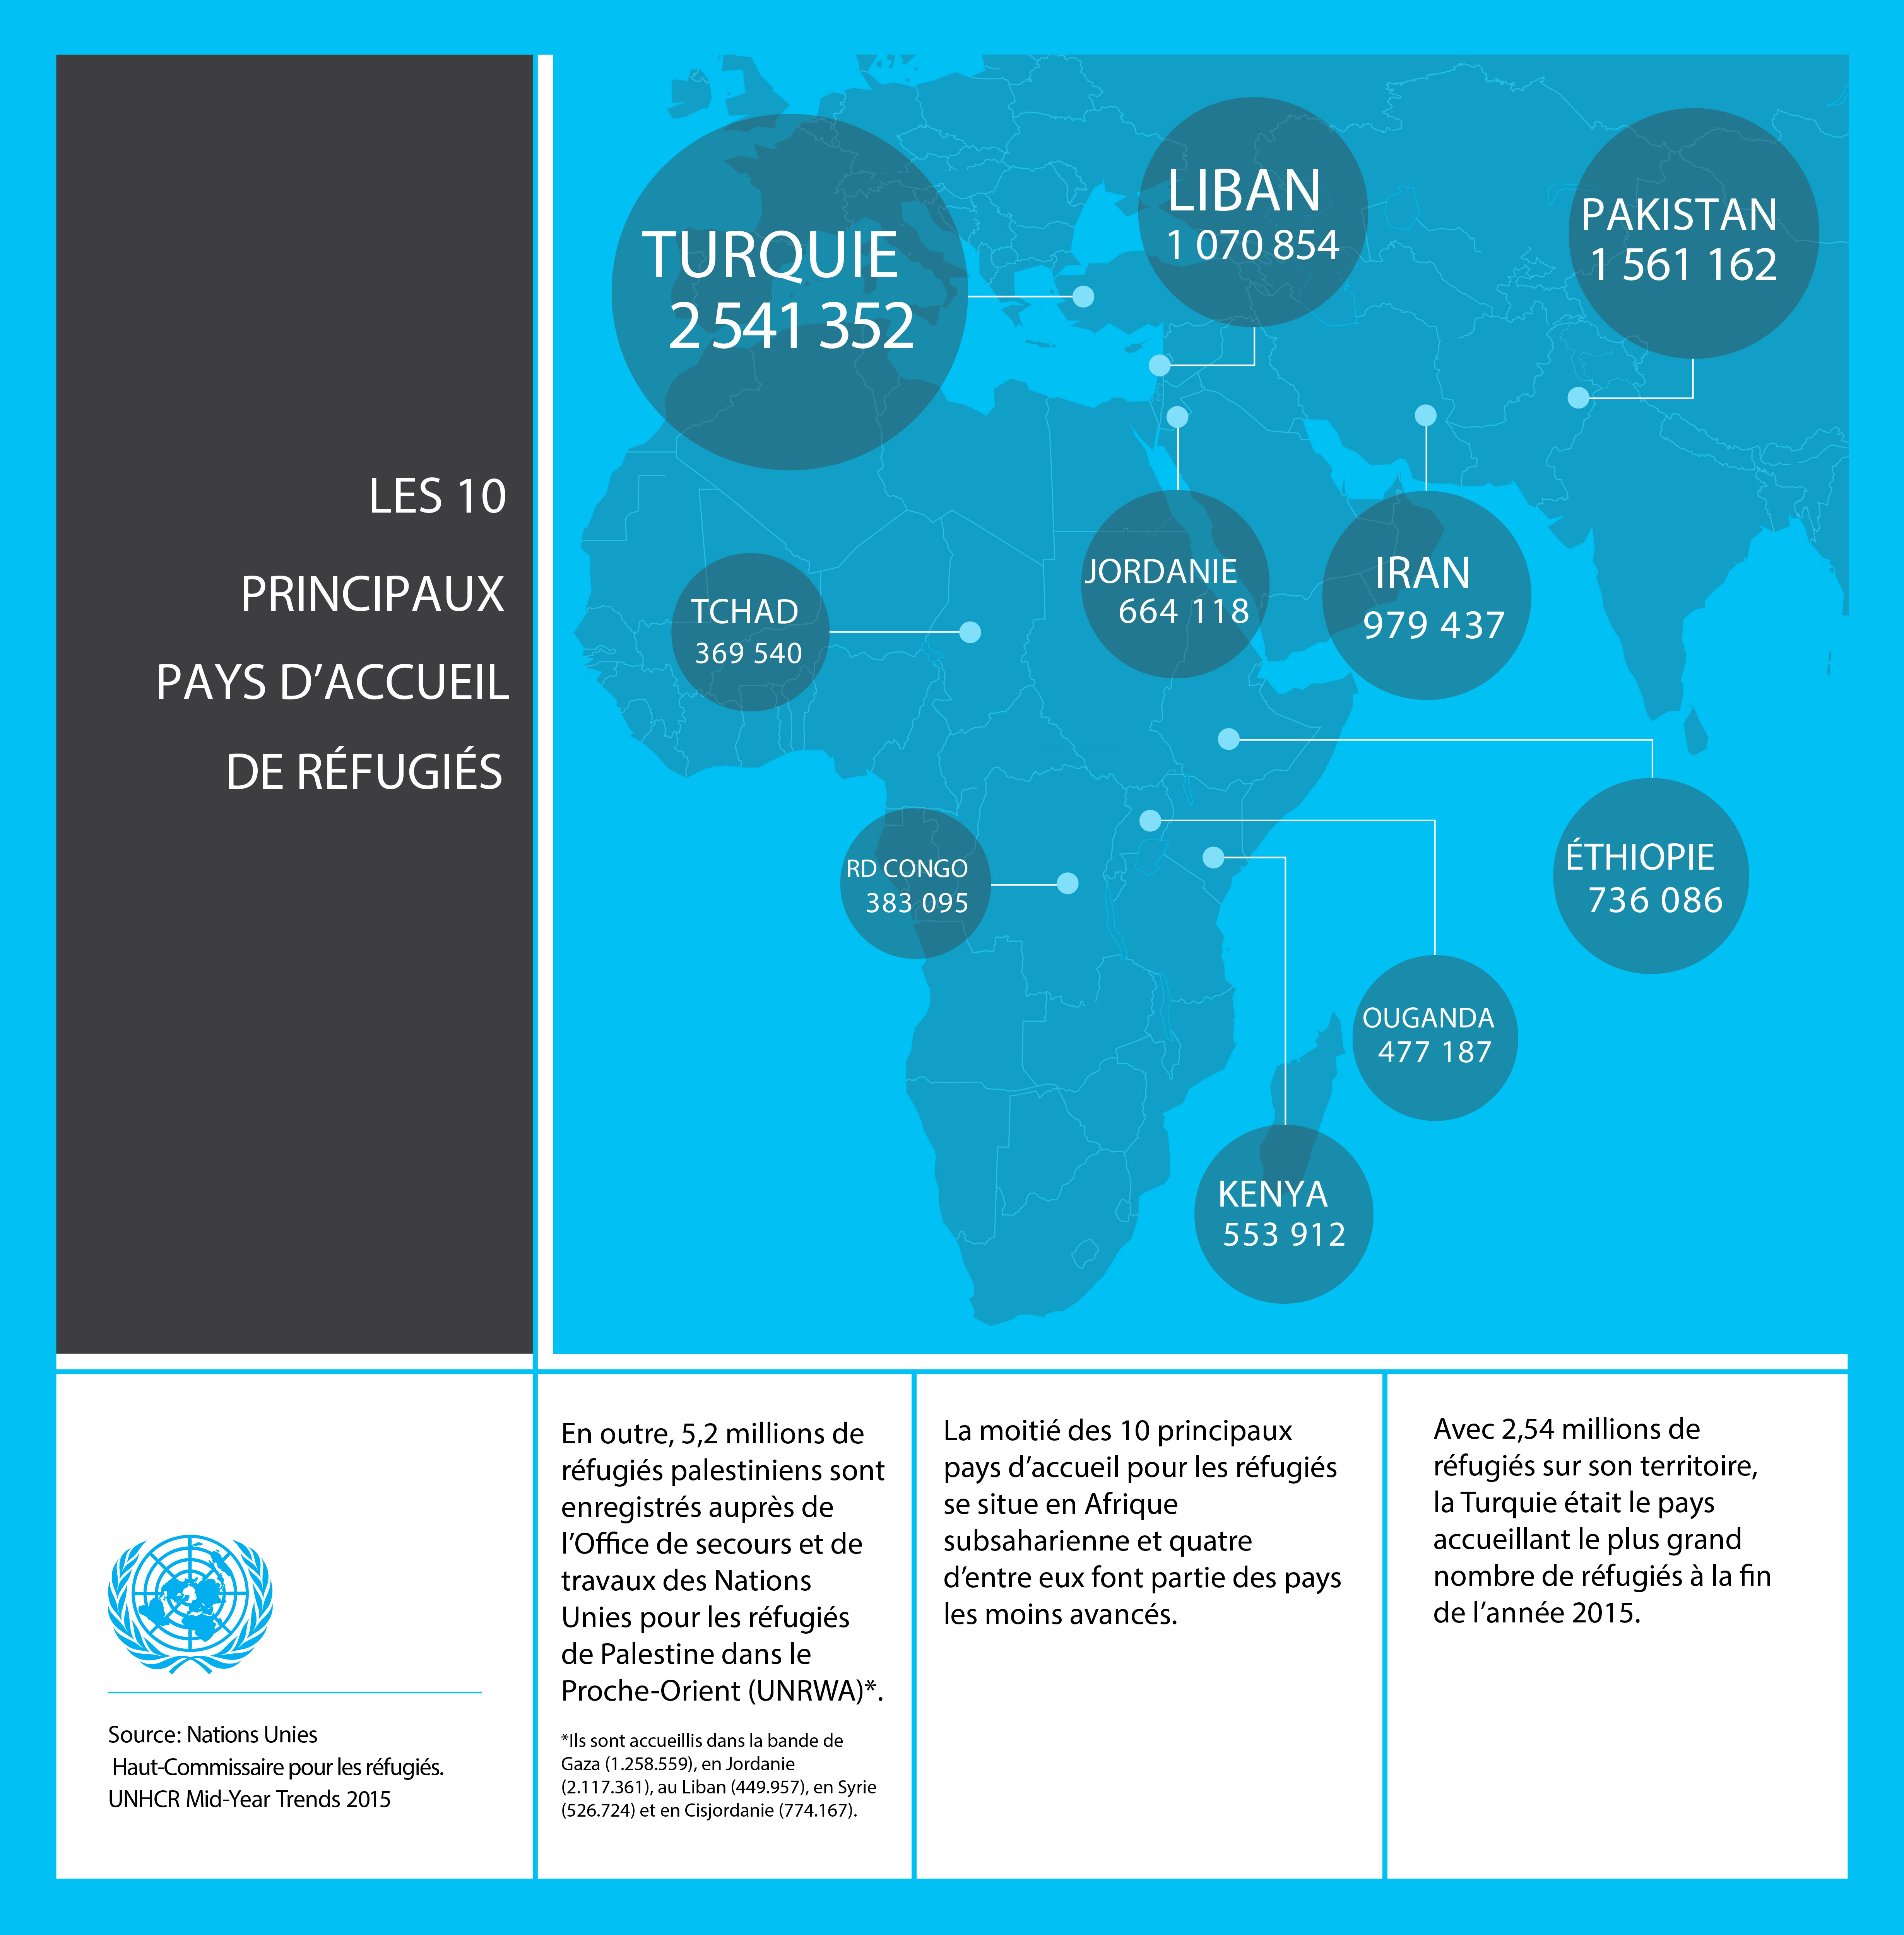 Les 10 pays d'accueil de réfugiés